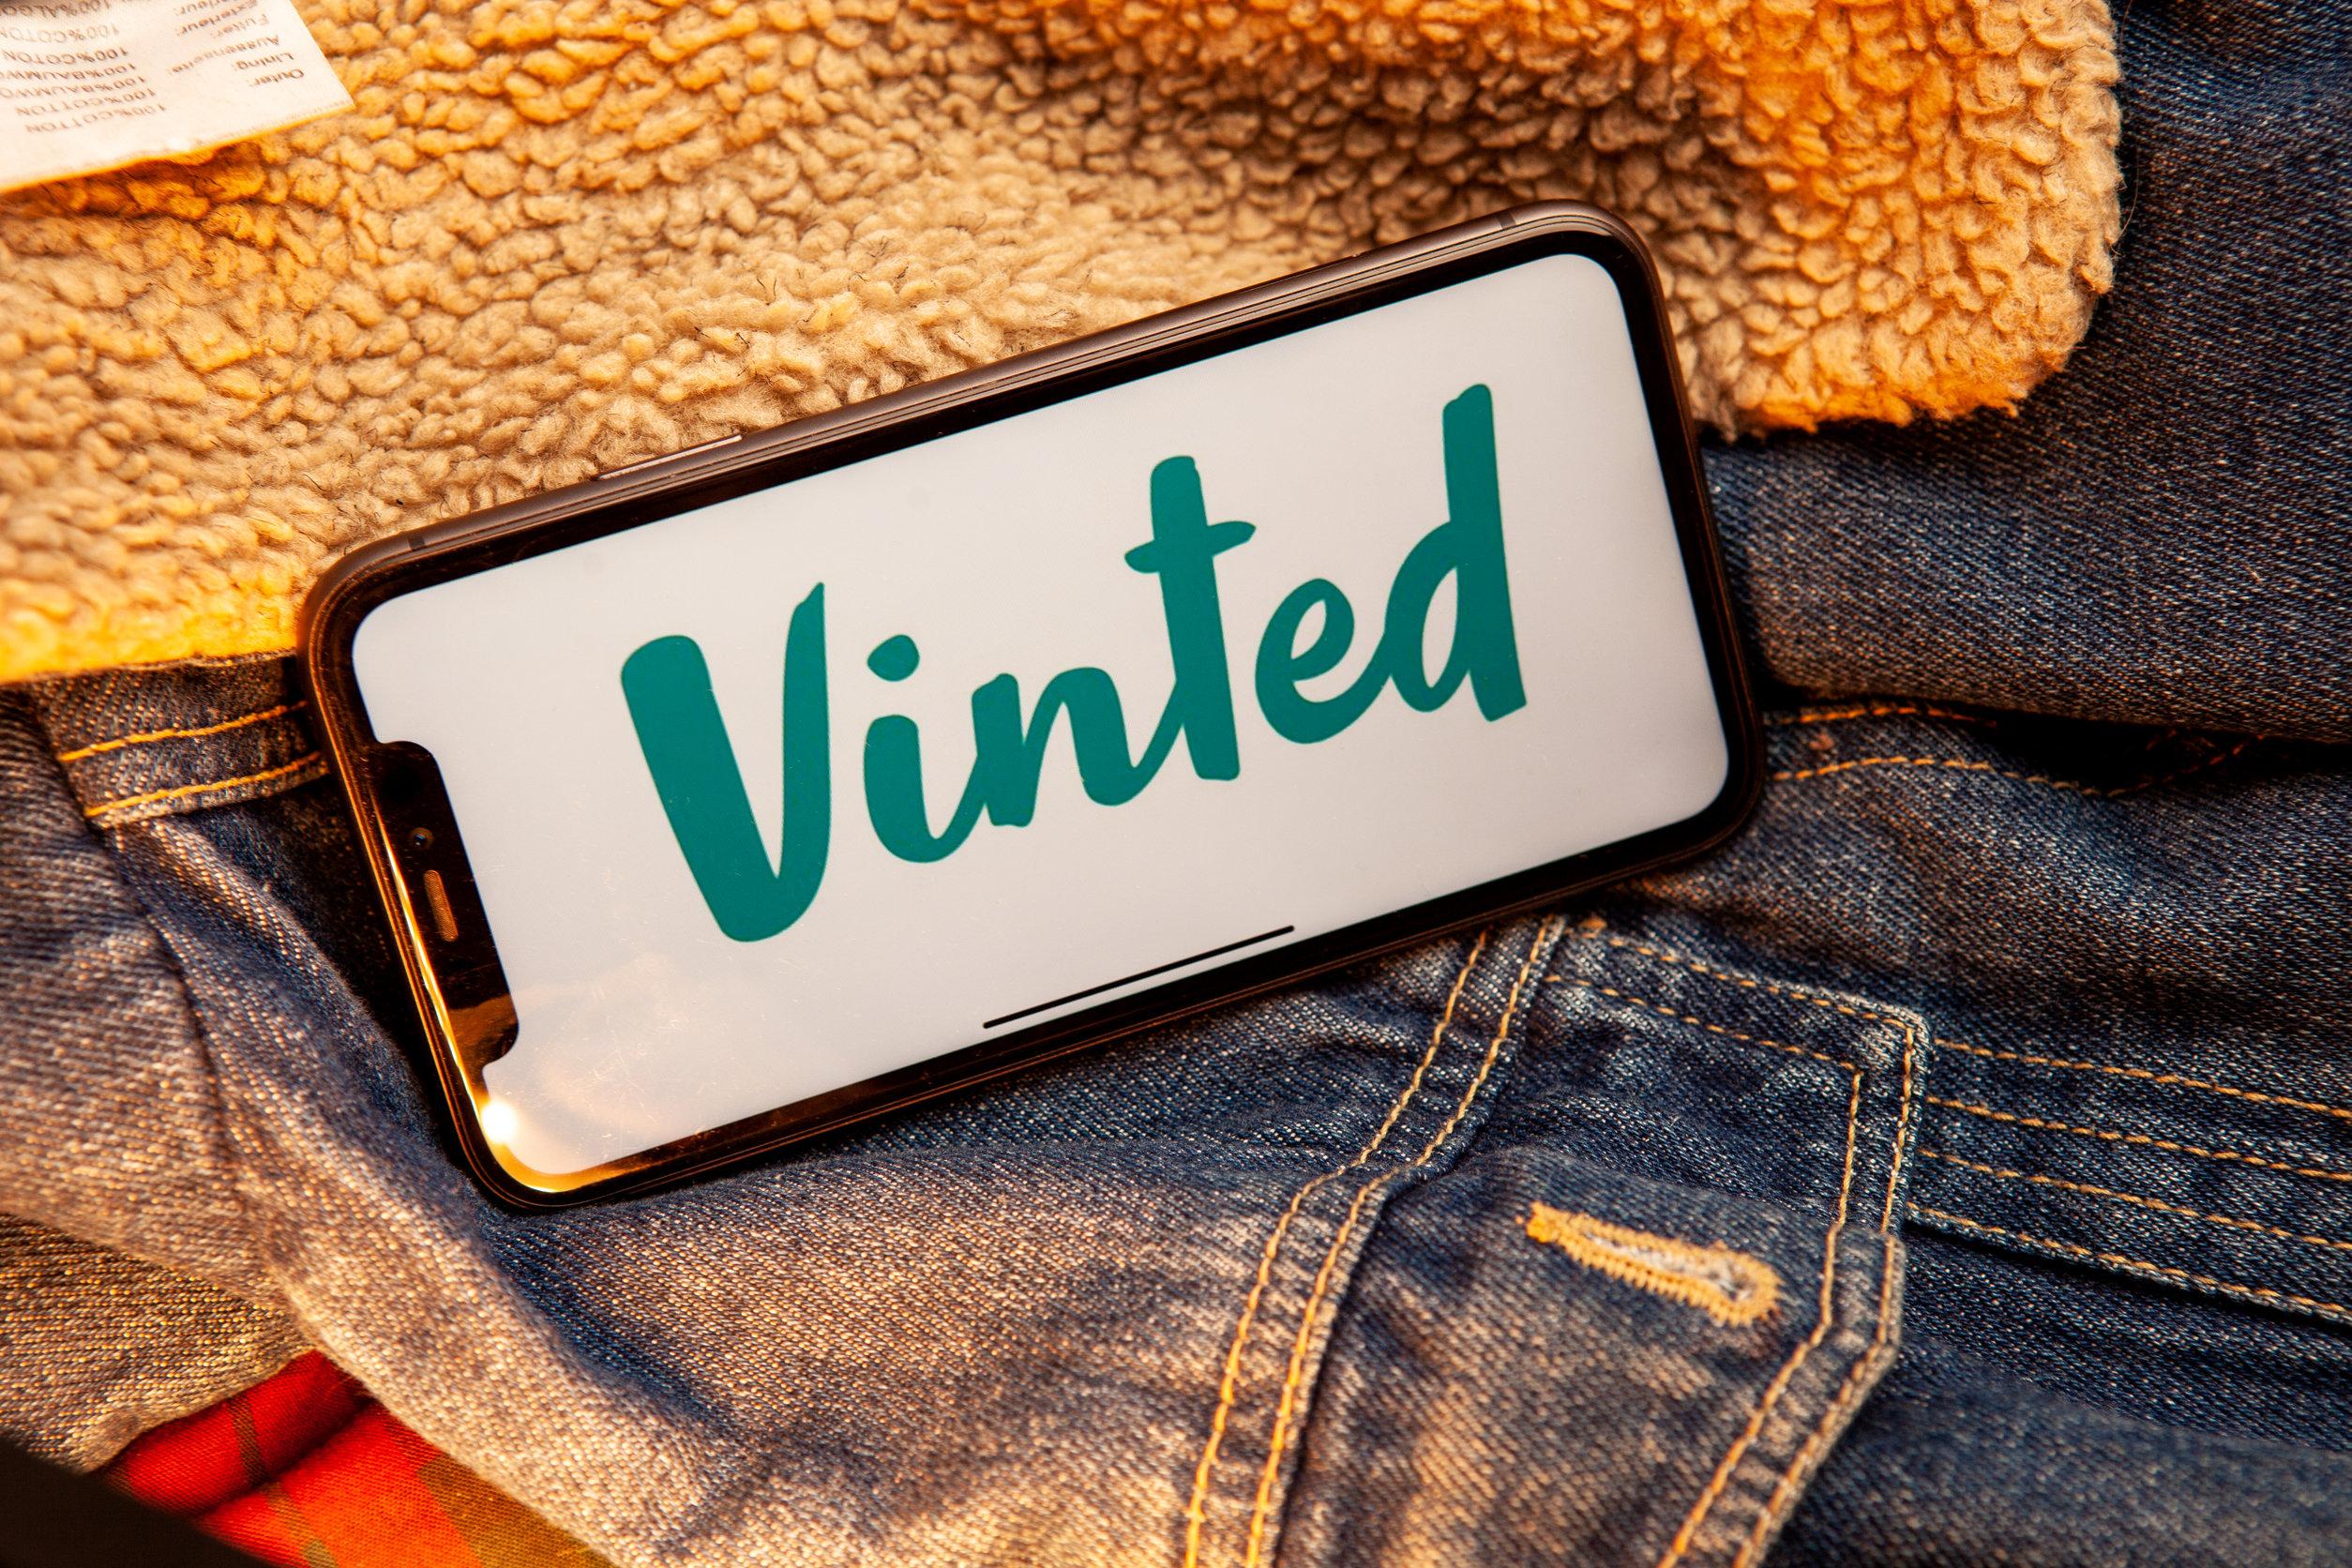 ¿Cómo vender en Vinted rápido? 8 trucos y consejos